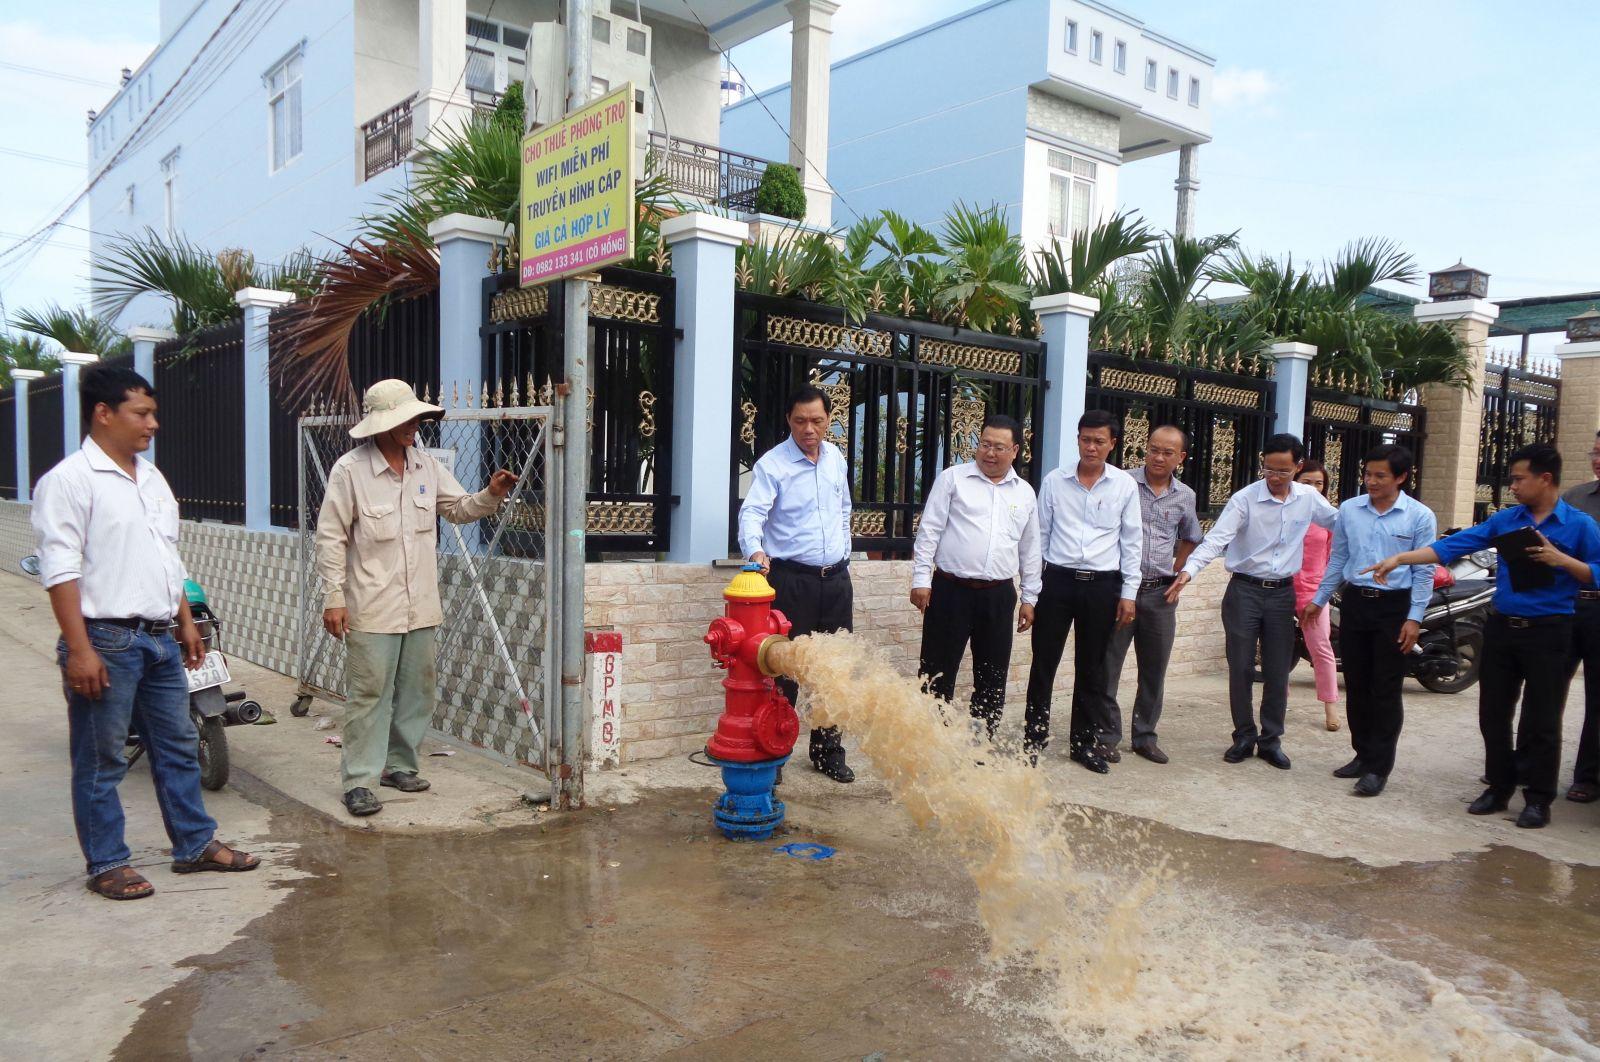 Nước sạch đạt quy chuẩn của Bộ Y tế từ các dự án cấp nước cho gần 2.000 hộ dân các xã vùng hạ của tỉnh